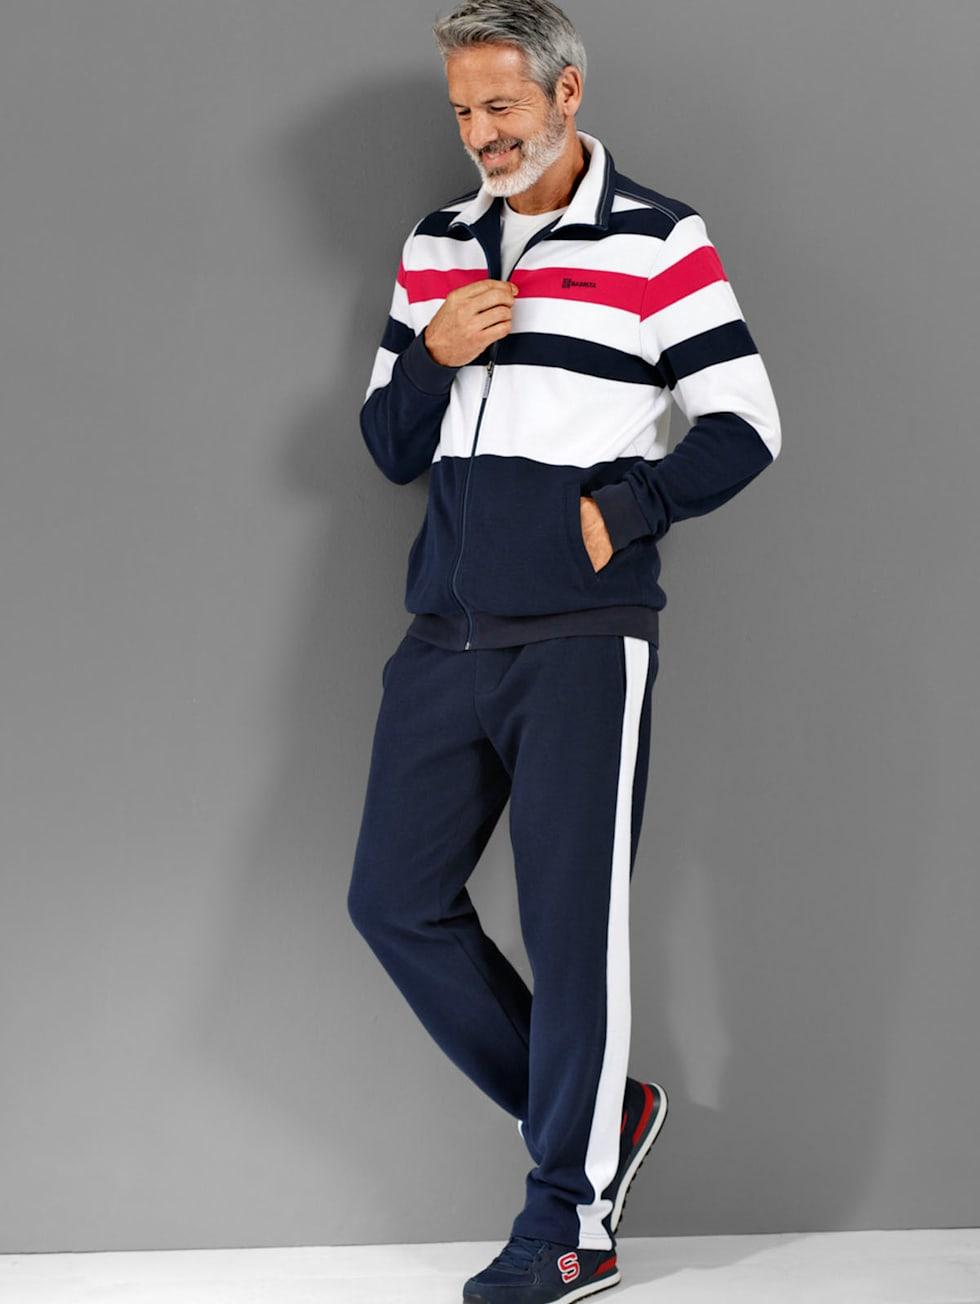 Sportivo-Outfit: Freizeitanzug in Blau, Weiß und Rot kombiniert mit einem weißen T-Shirt